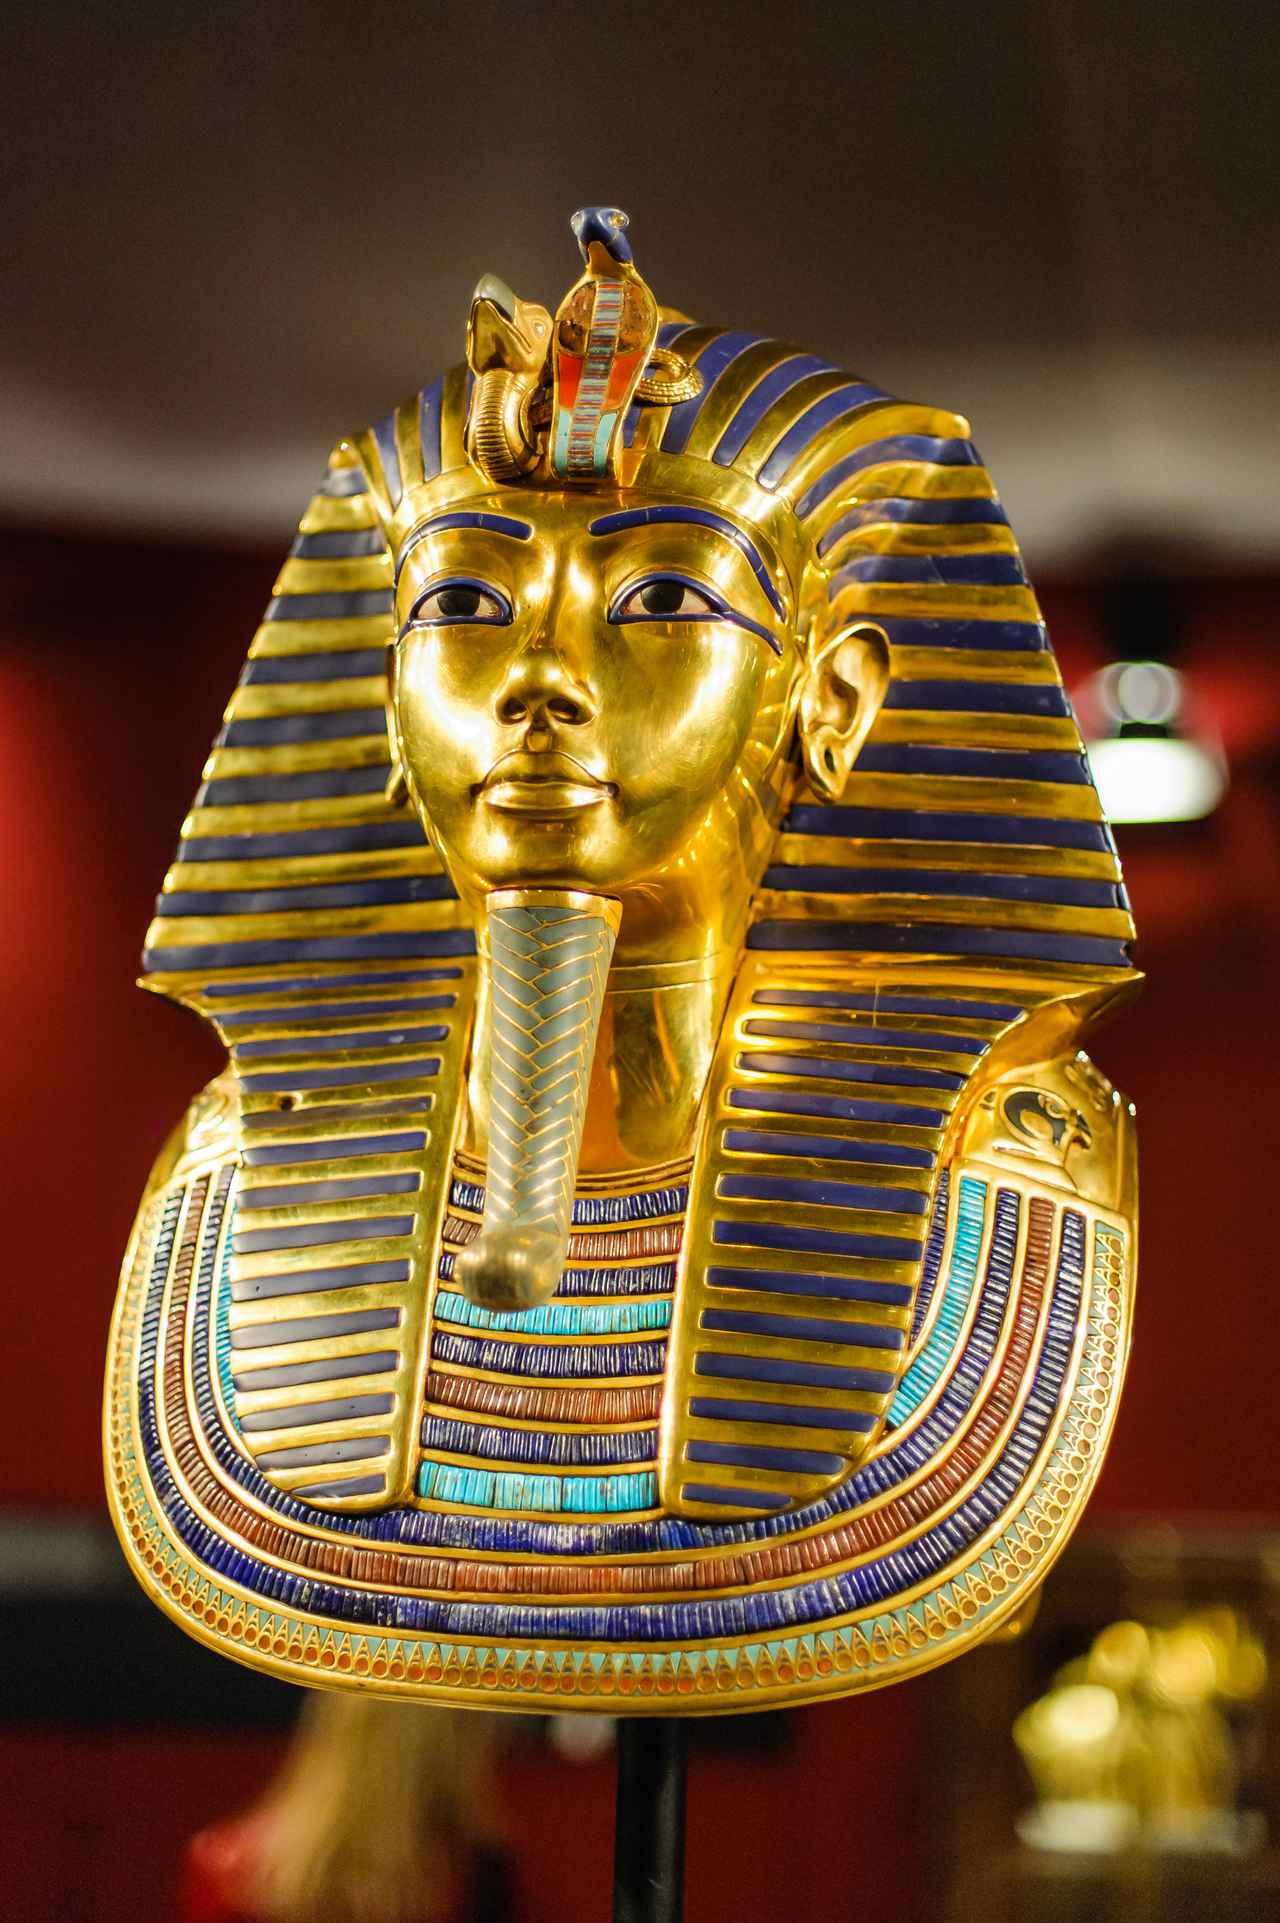 画像: 考古学博物館に収蔵されているツタンカーメンの黄金のマスク(イメージ)